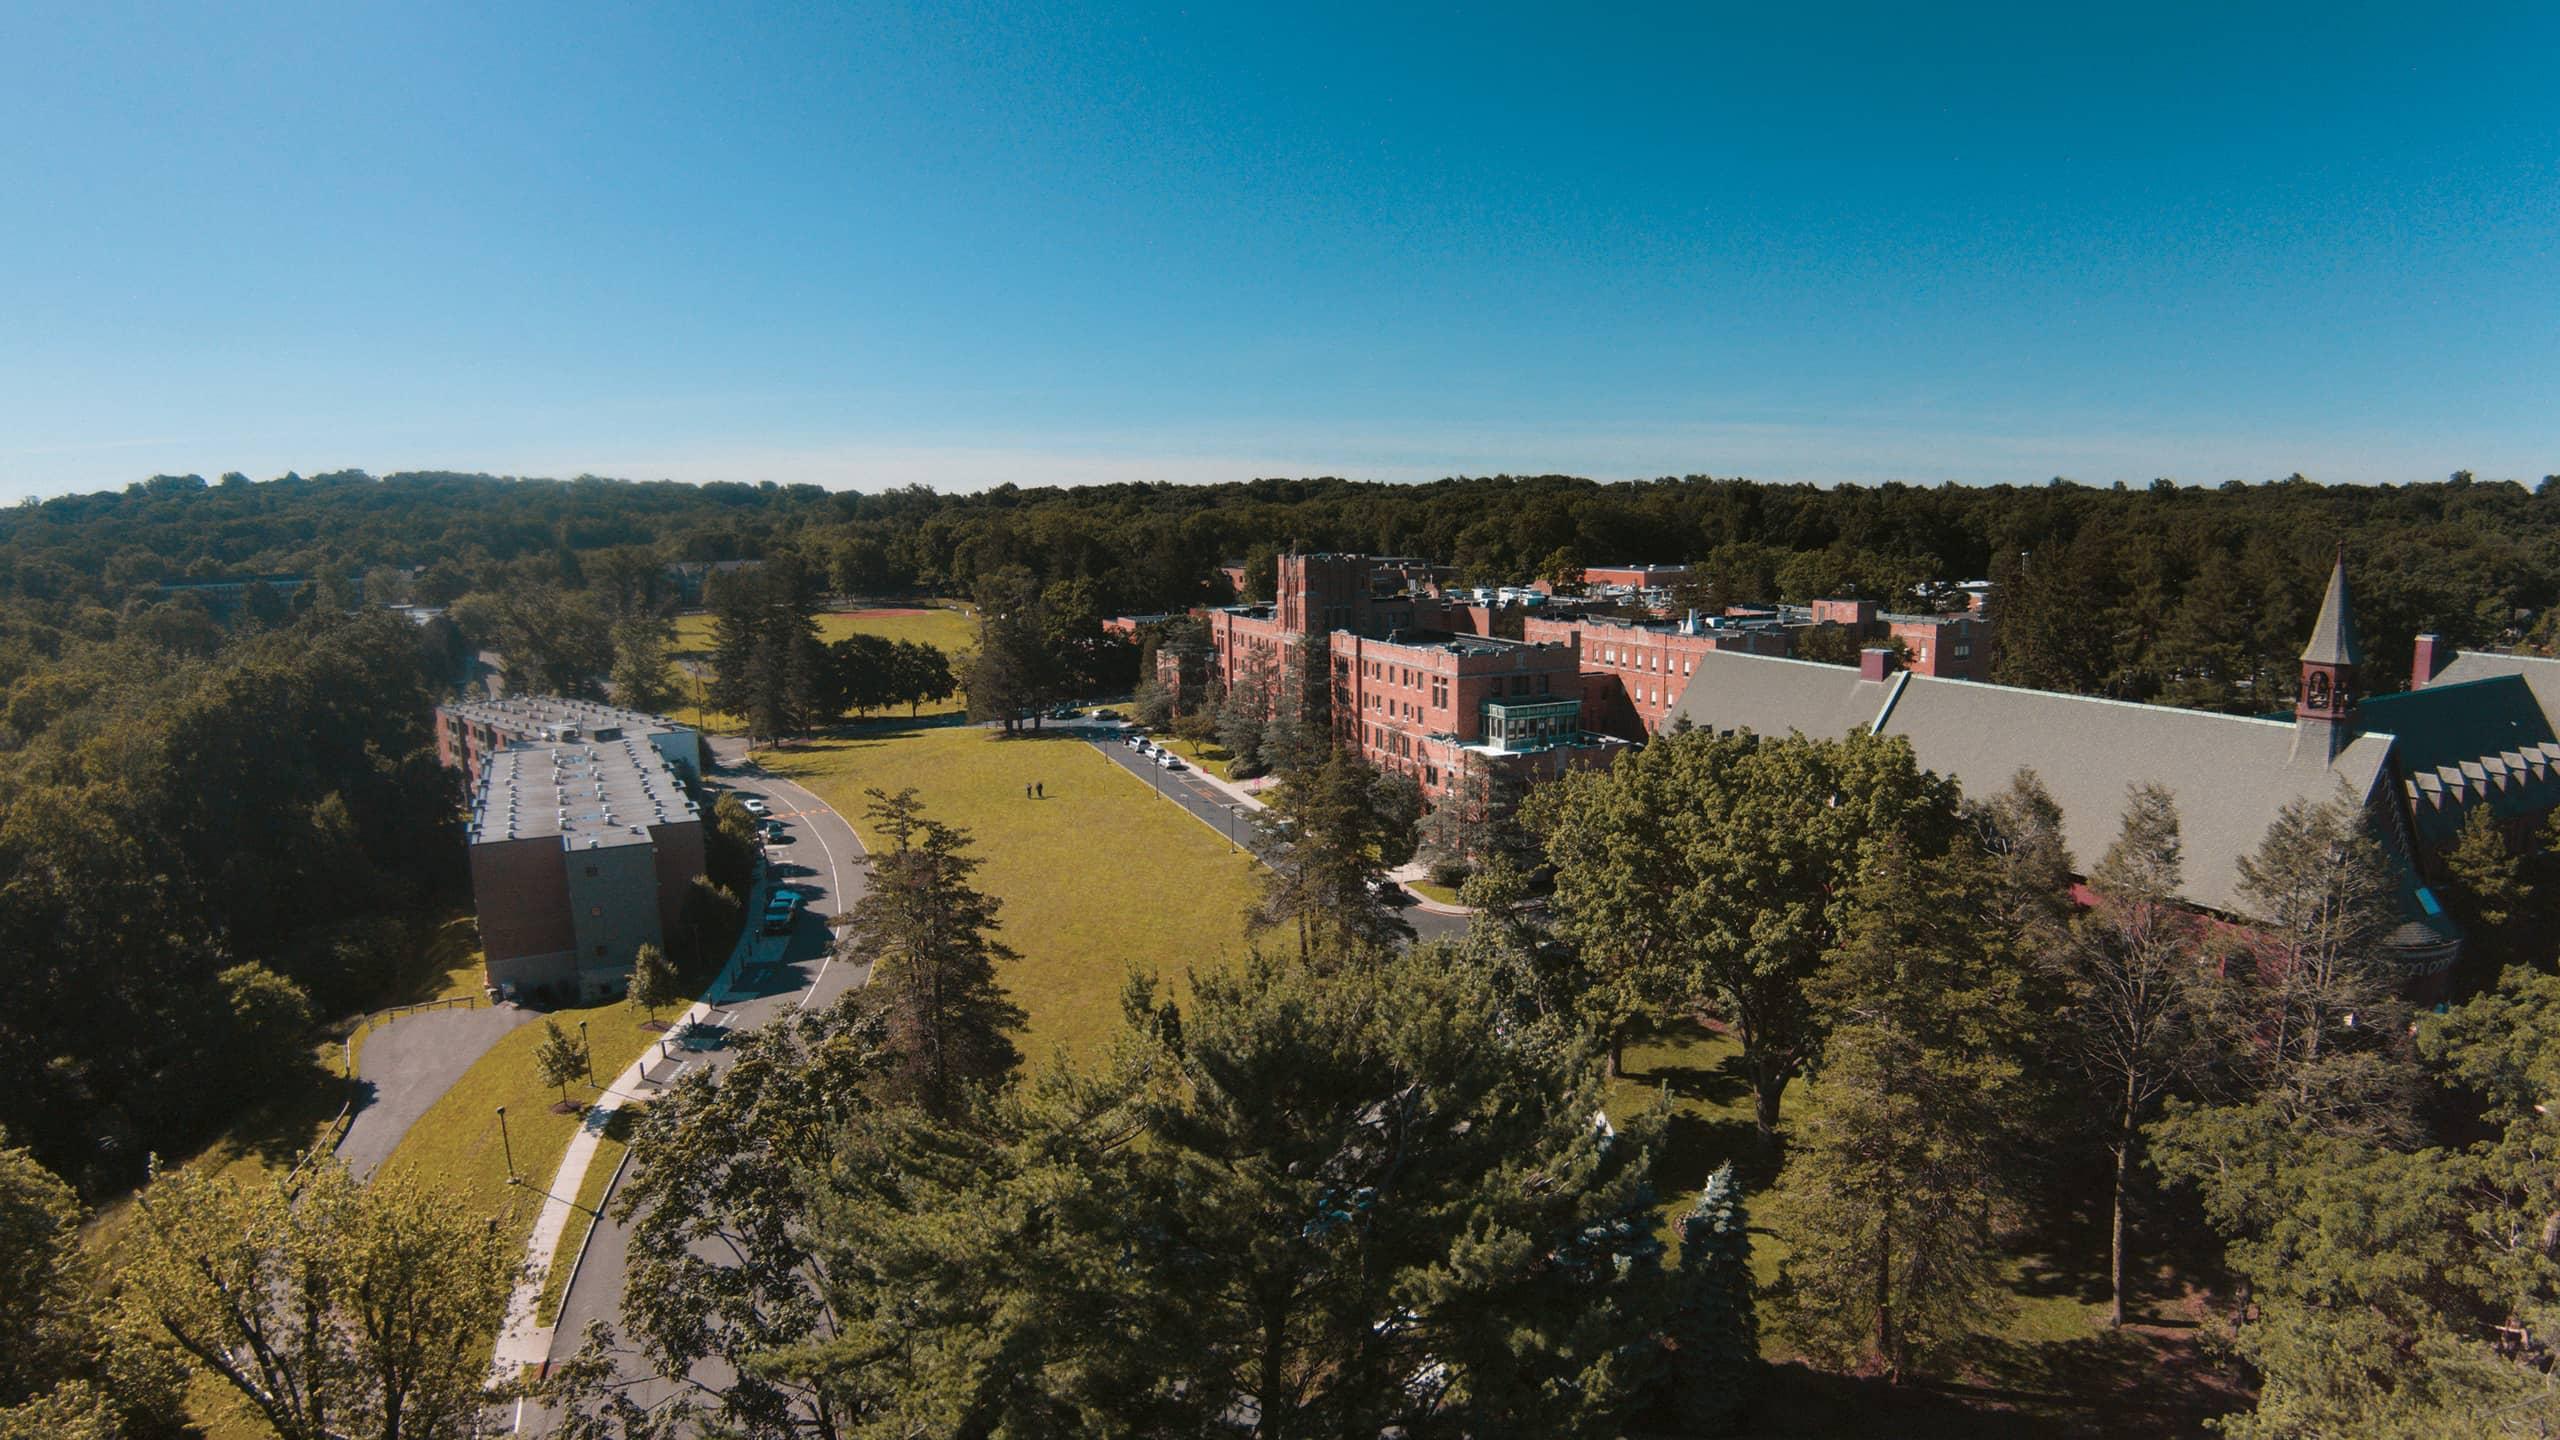 aerial campus image